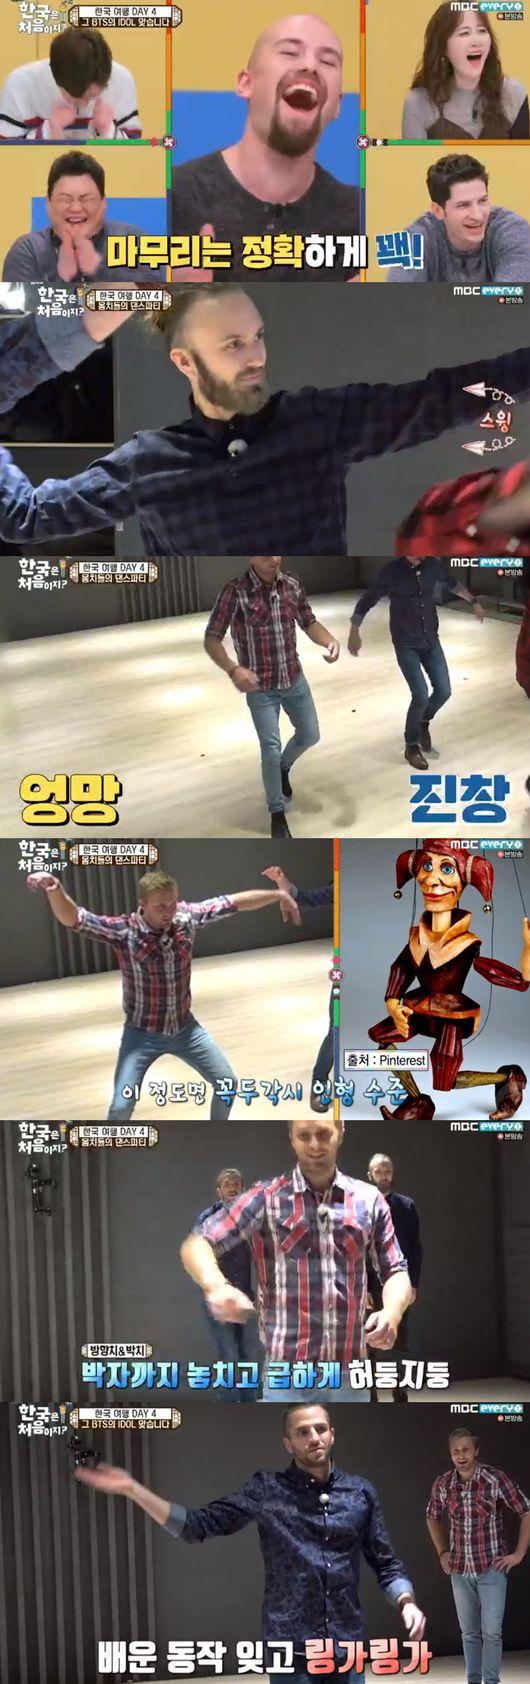 """""""역대급 꿀잼"""" '어서와' 스웨덴 친구들, 몸치들의 K팝 댄스 배우기 '폭소'[어저께TV]"""